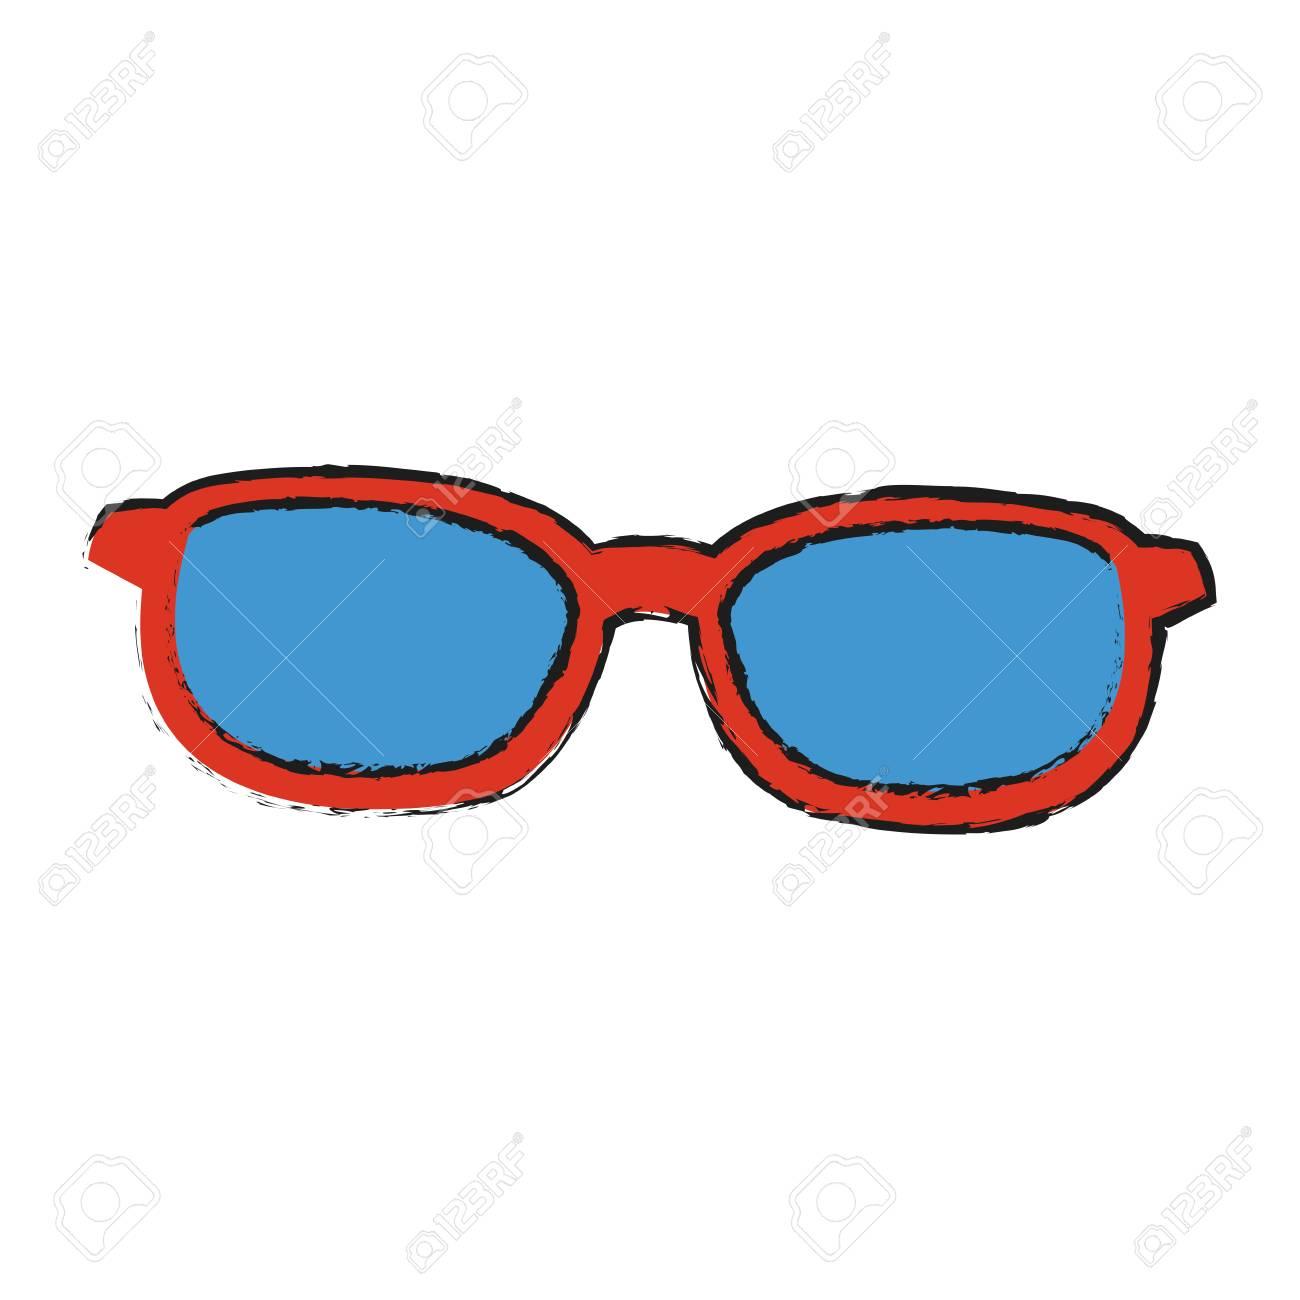 Gafas De Sol Con Diseño Rojo Del Ejemplo Del Vector De La Imagen Del ...